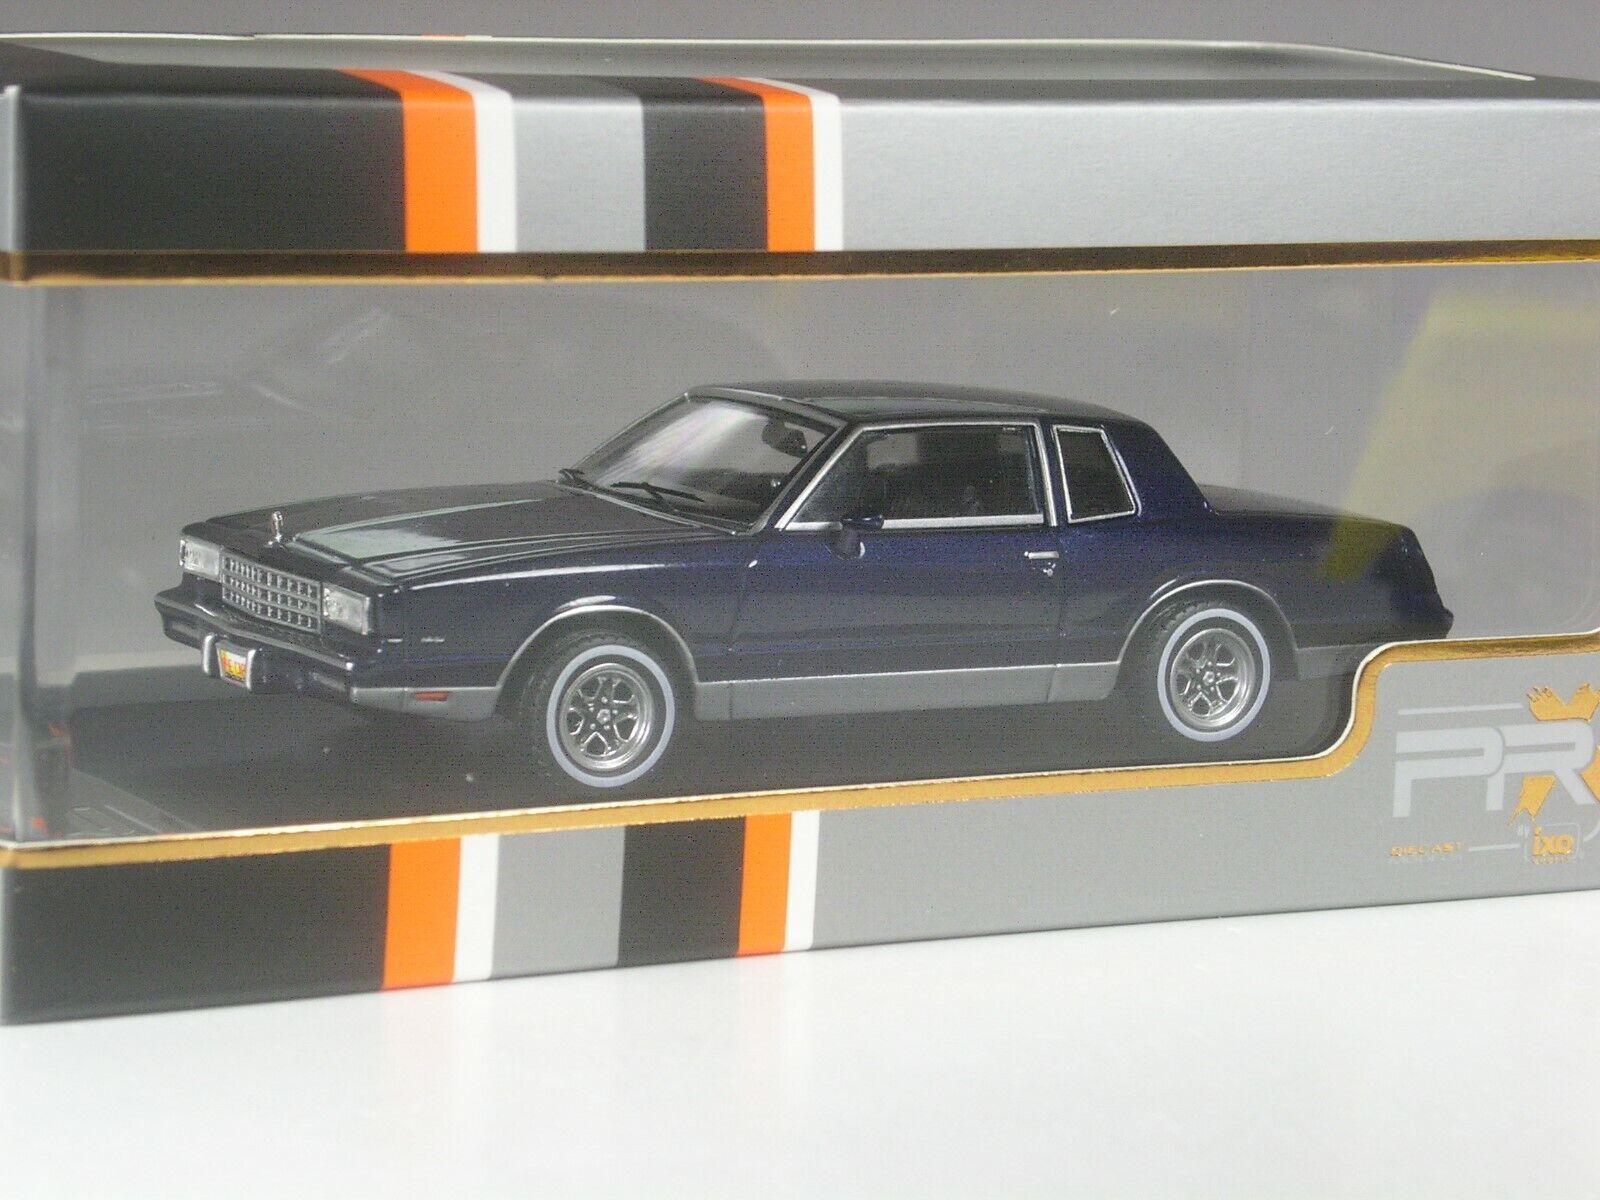 Klasse Klasse Klasse  PremiumX Chevrolet Monte Carlo 1981 in 1 43 in OVP b57716